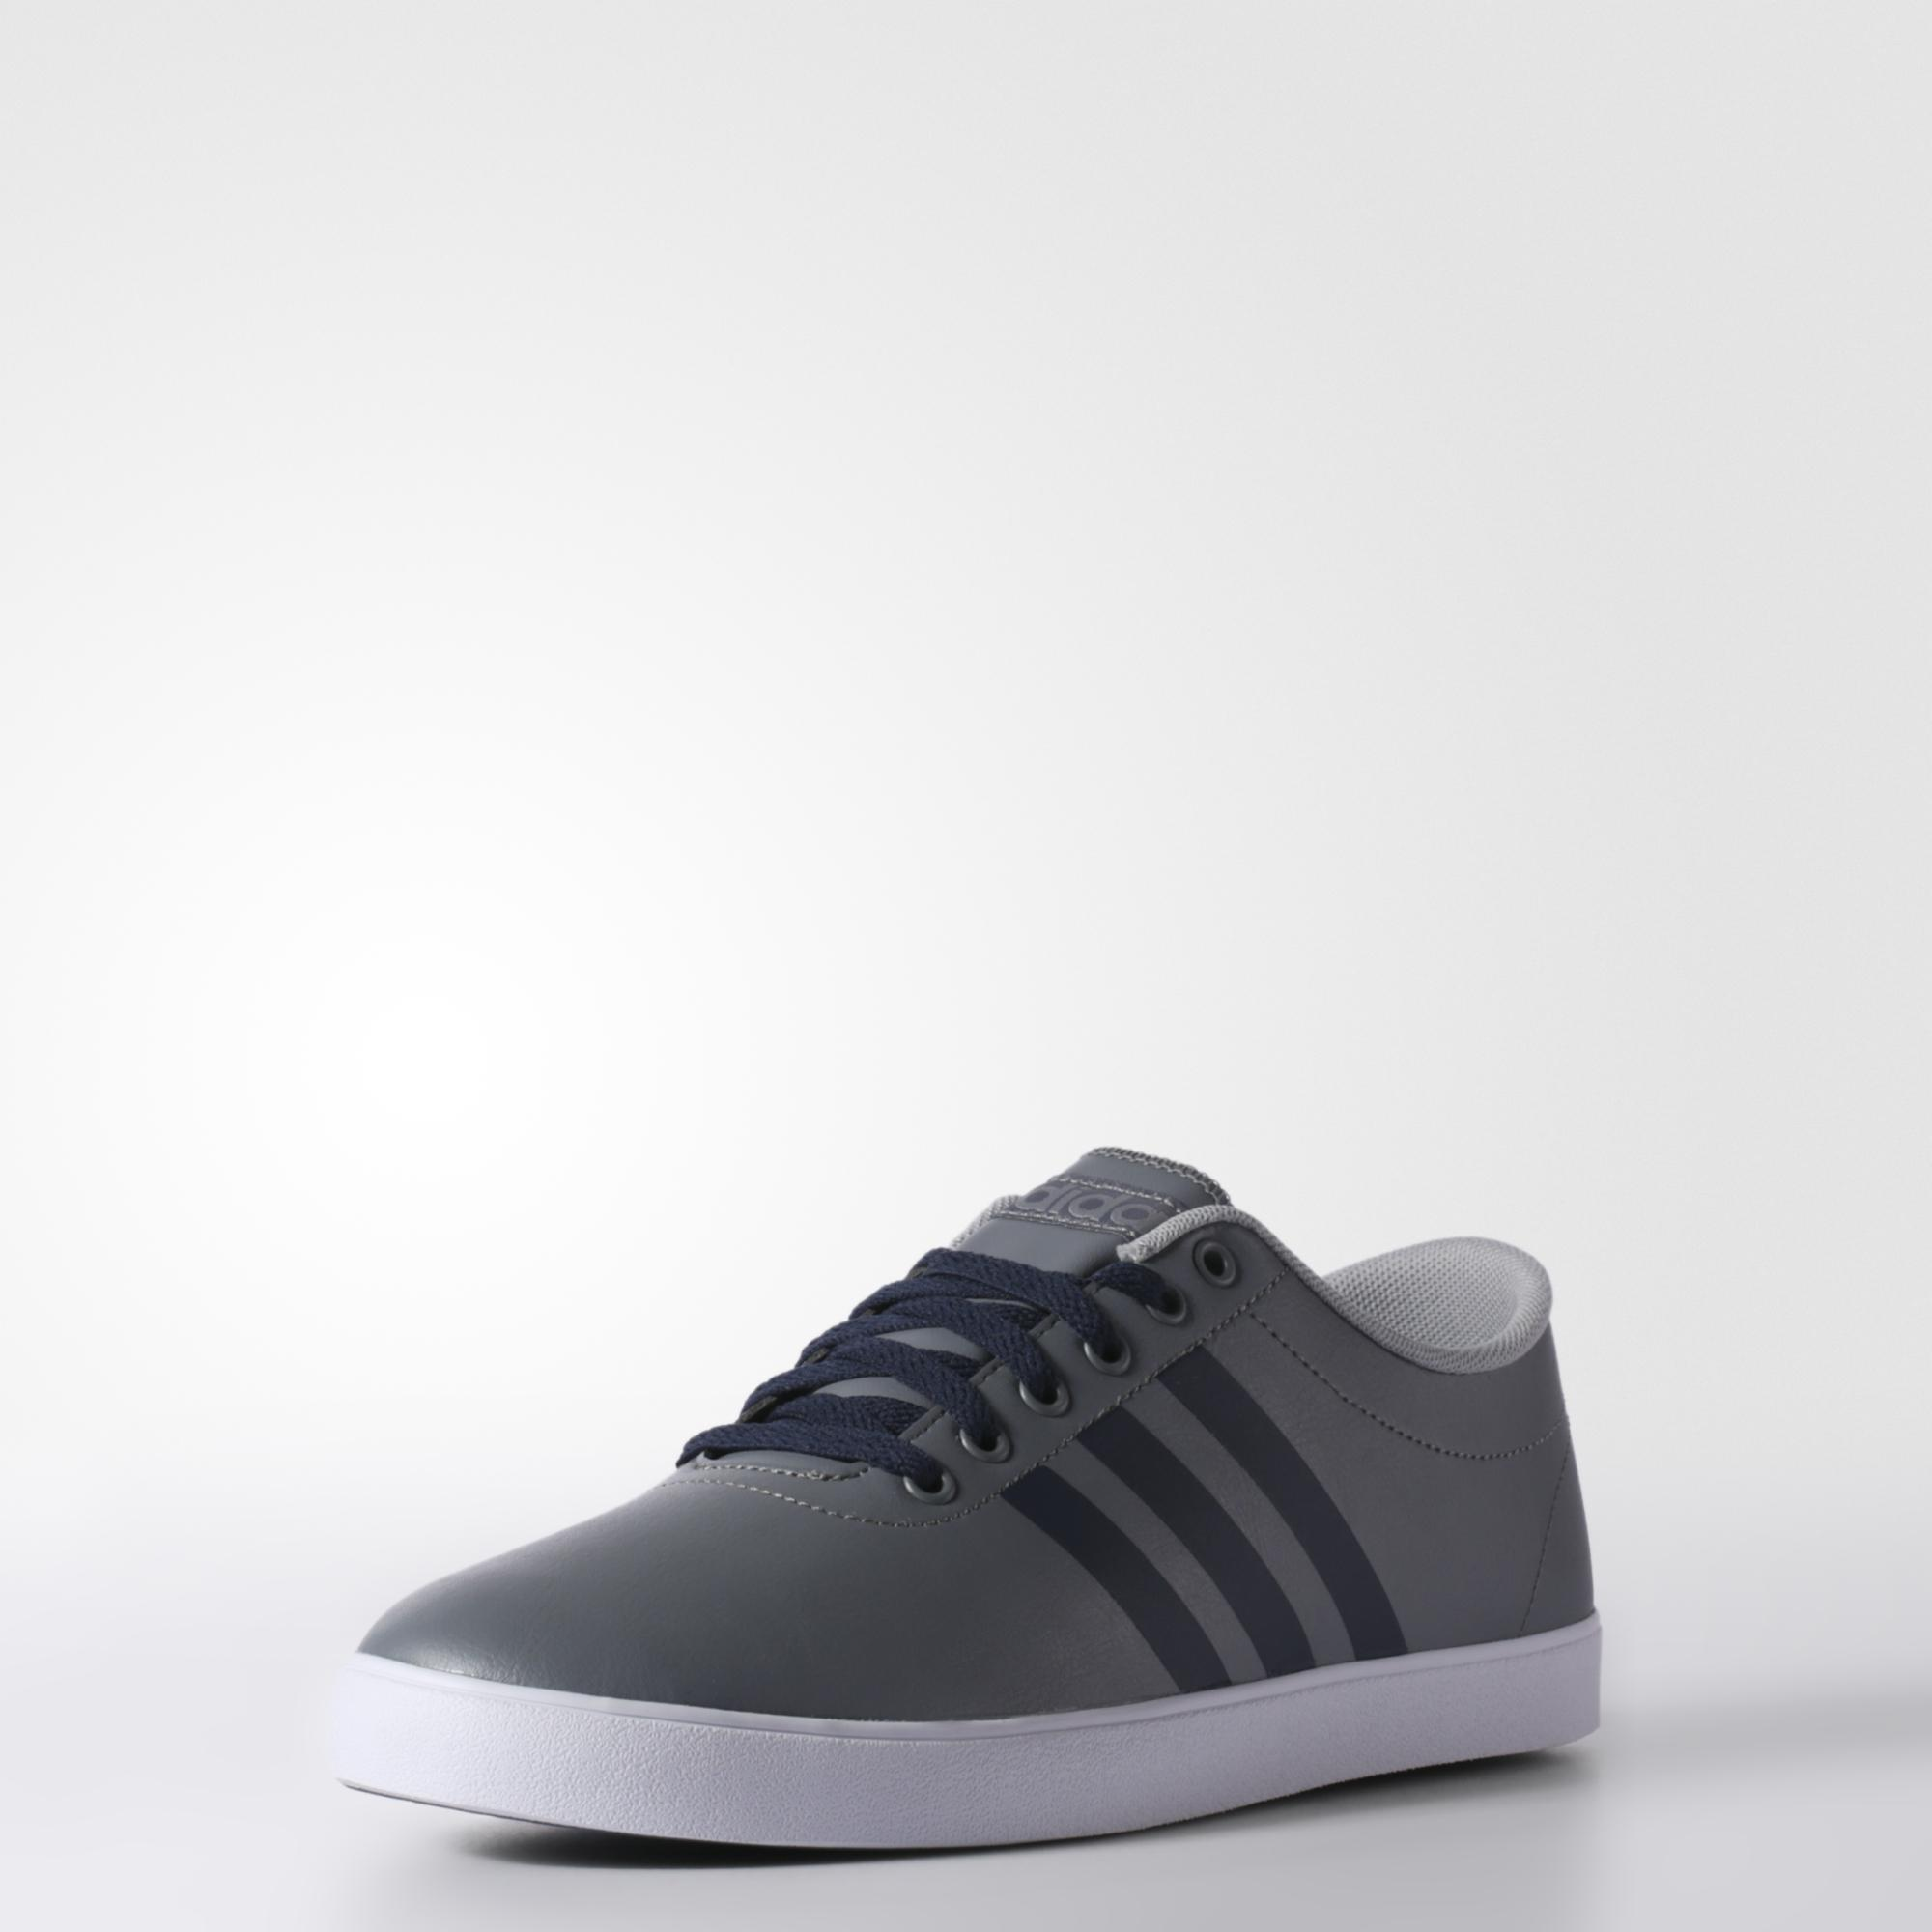 adidas originals zapatos baloncesto profi mediados de skate